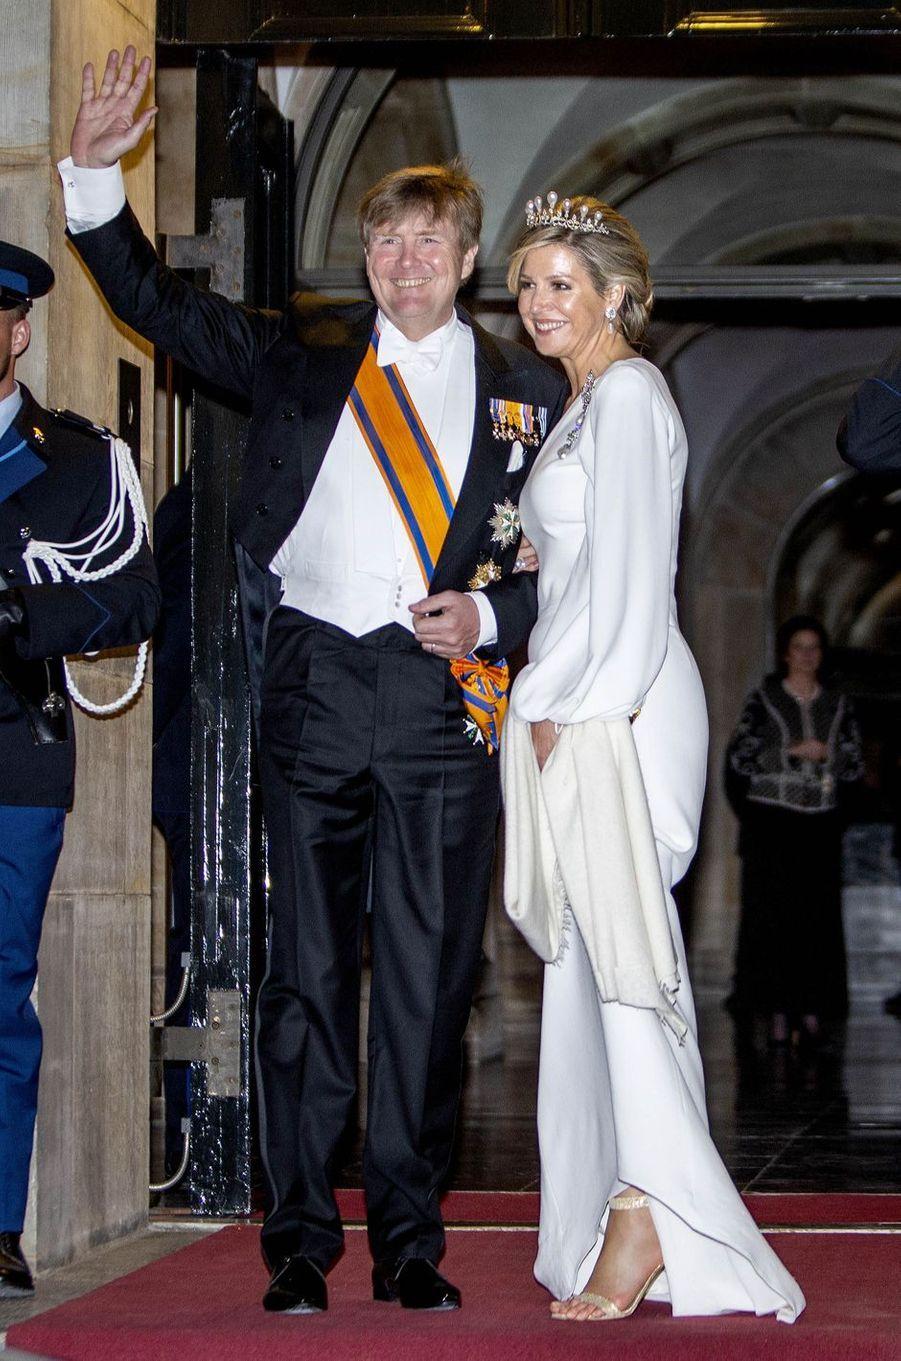 La reine Maxima et le roi Willem-Alexander des Pays-Bas à Amsterdam, le 9 avril 2019